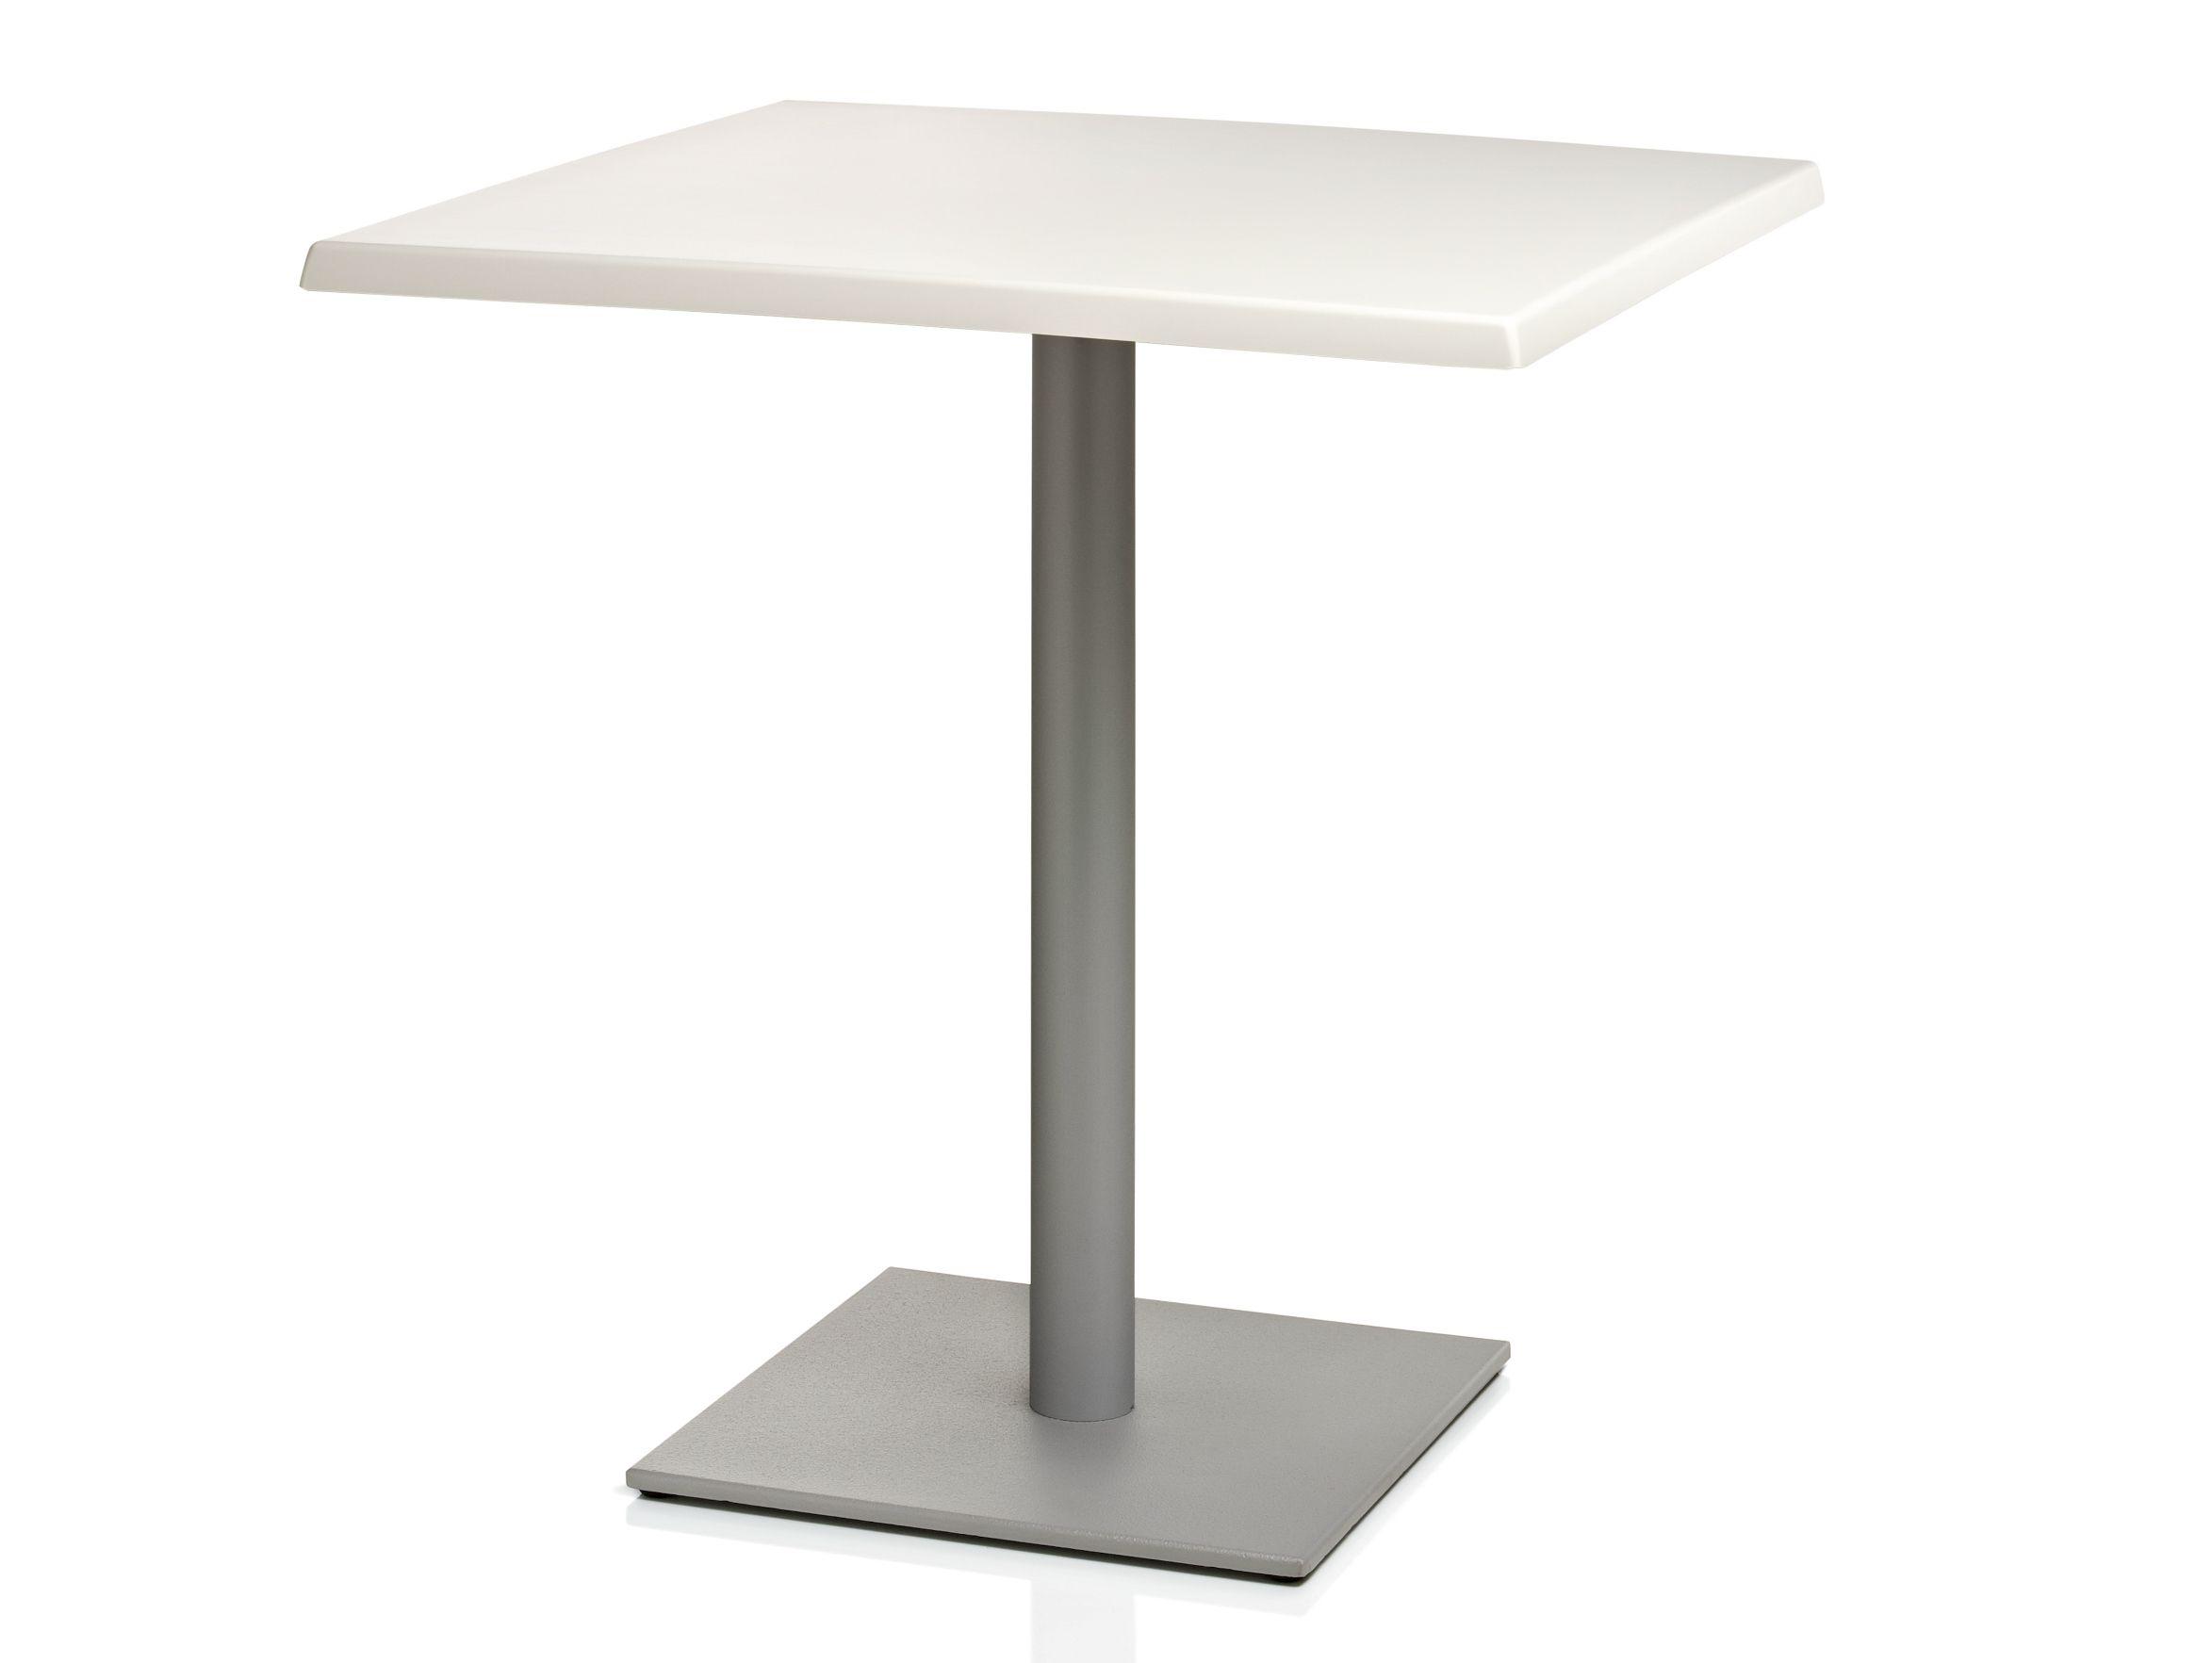 Alghi Square Table By Alma Design Design Tria De Design